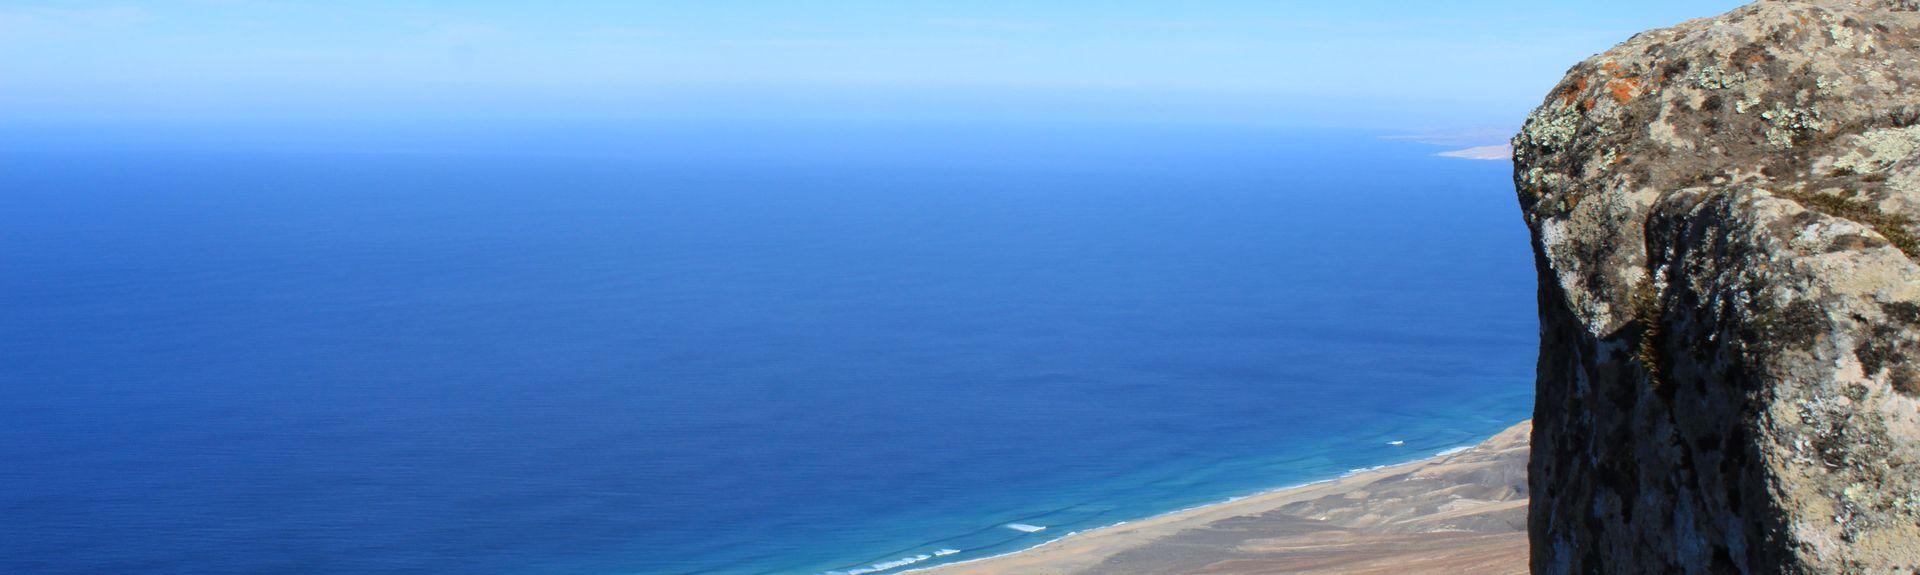 Giniginamar Beach, Las Palmas, Spain